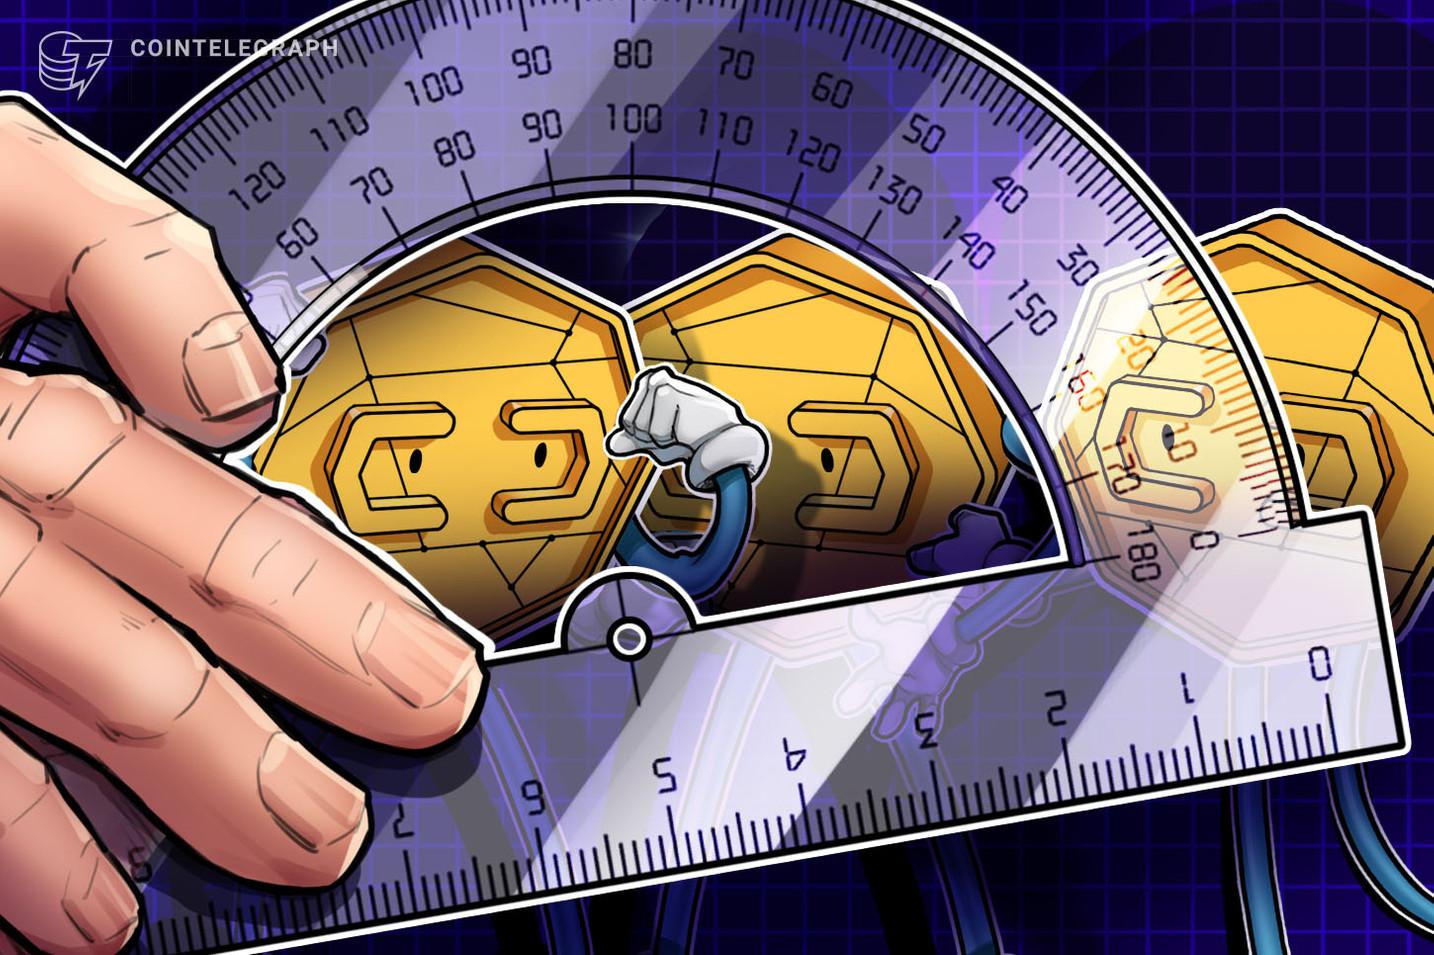 كاردانو ودوجكوين تتفوقان على بيتكوين كأكثر العملات المشفرة شيوعًا لمستخدمي إيتورو في الولايات المتحدة